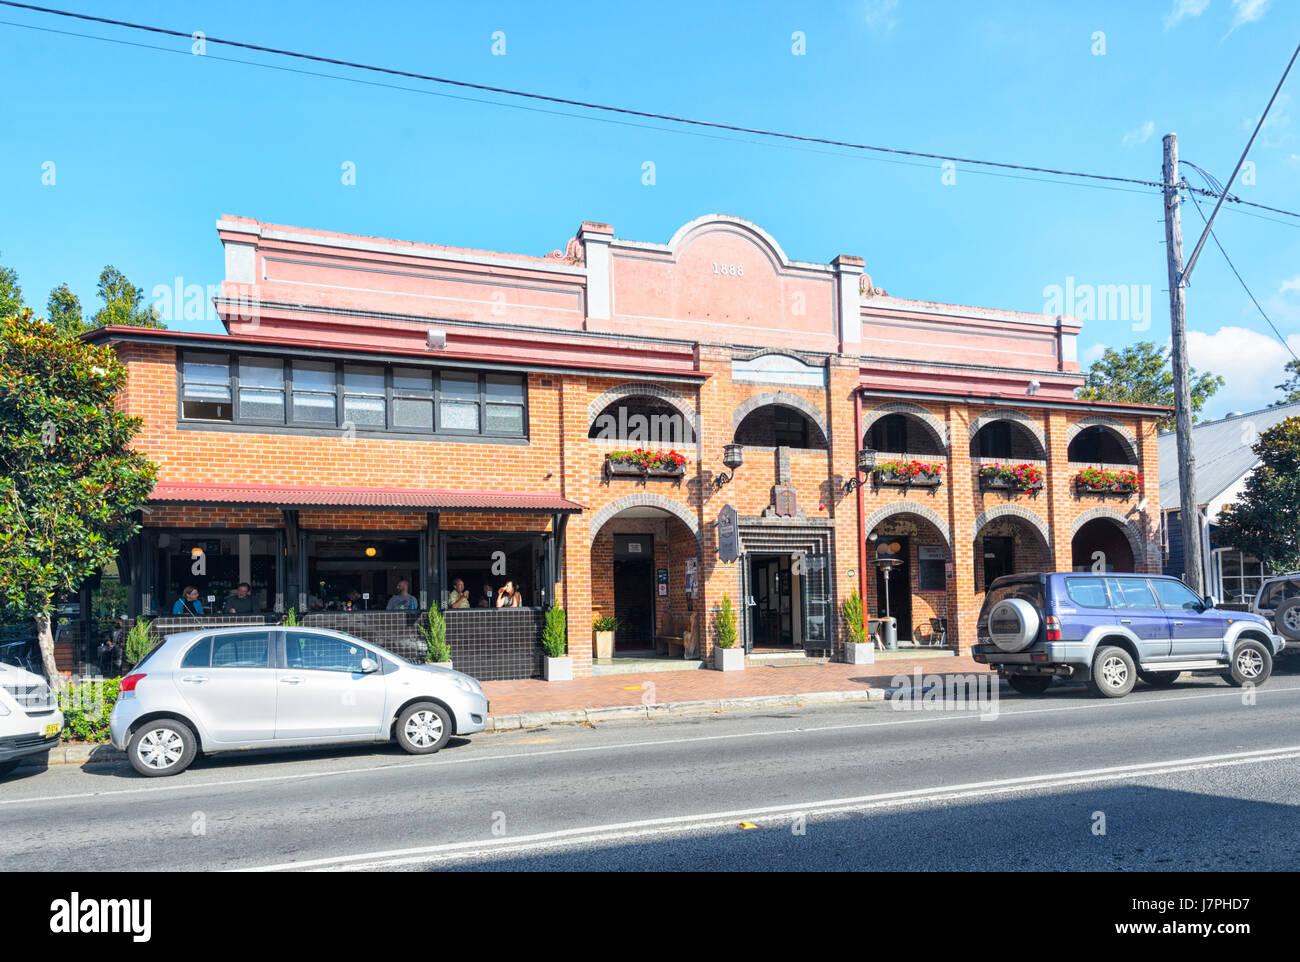 Berry Hotel, restaurante y alojamiento, en 1888, Berry, Nueva Gales del Sur (NSW, Australia Imagen De Stock